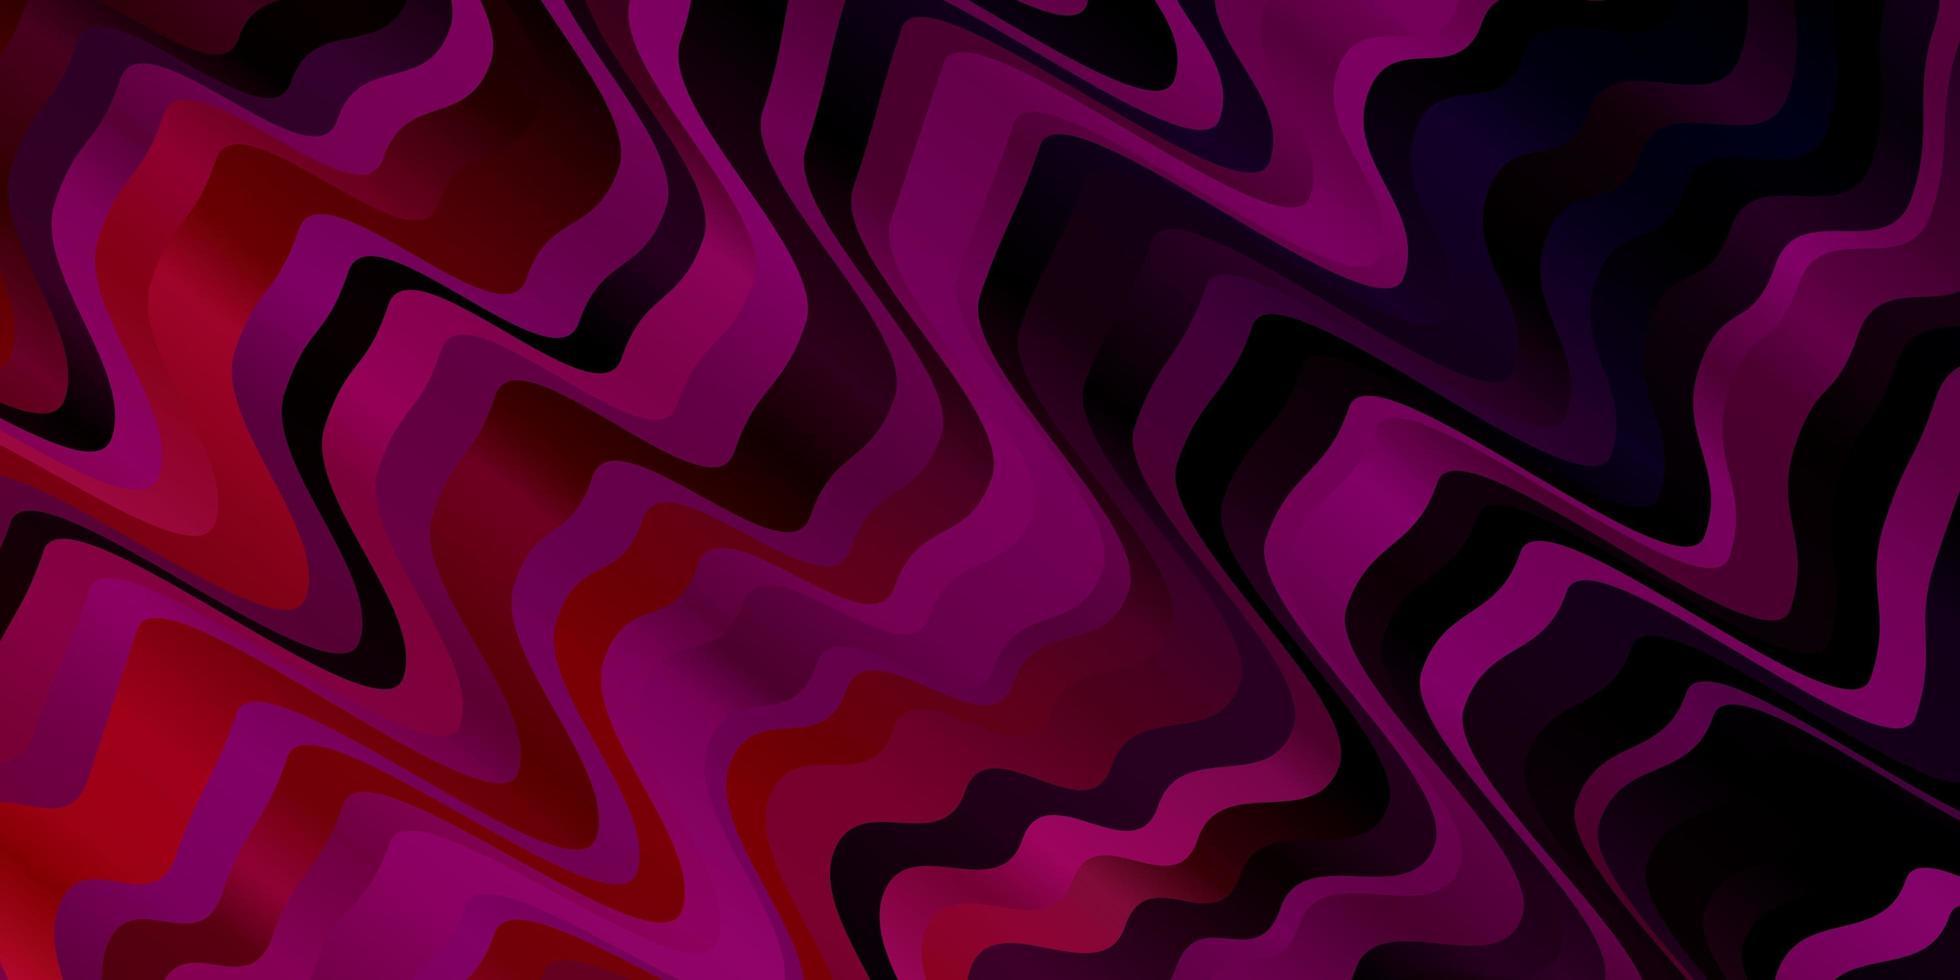 toile de fond de vecteur rose foncé avec arc circulaire.